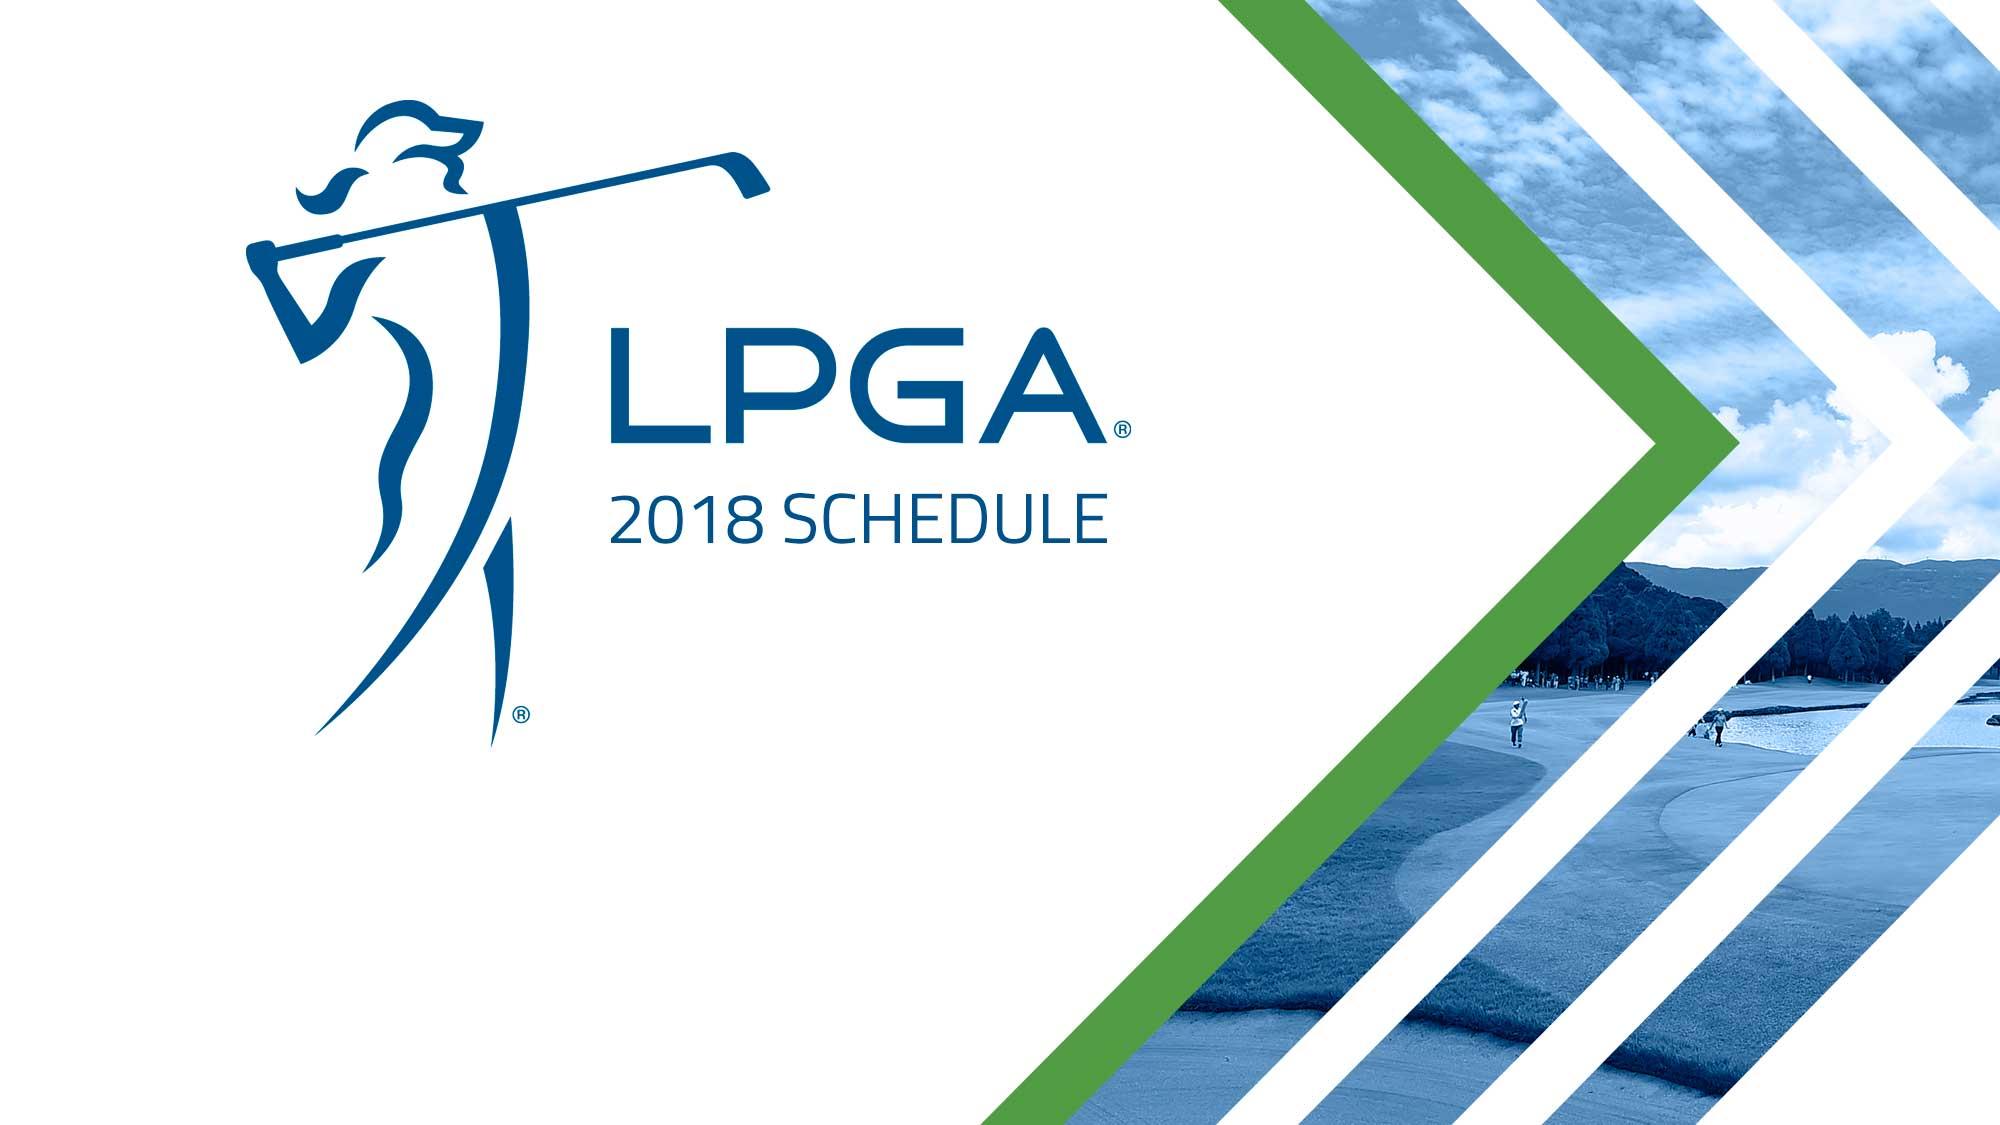 e34e522c9b41e5 LPGA Announces 2018 Season Schedule